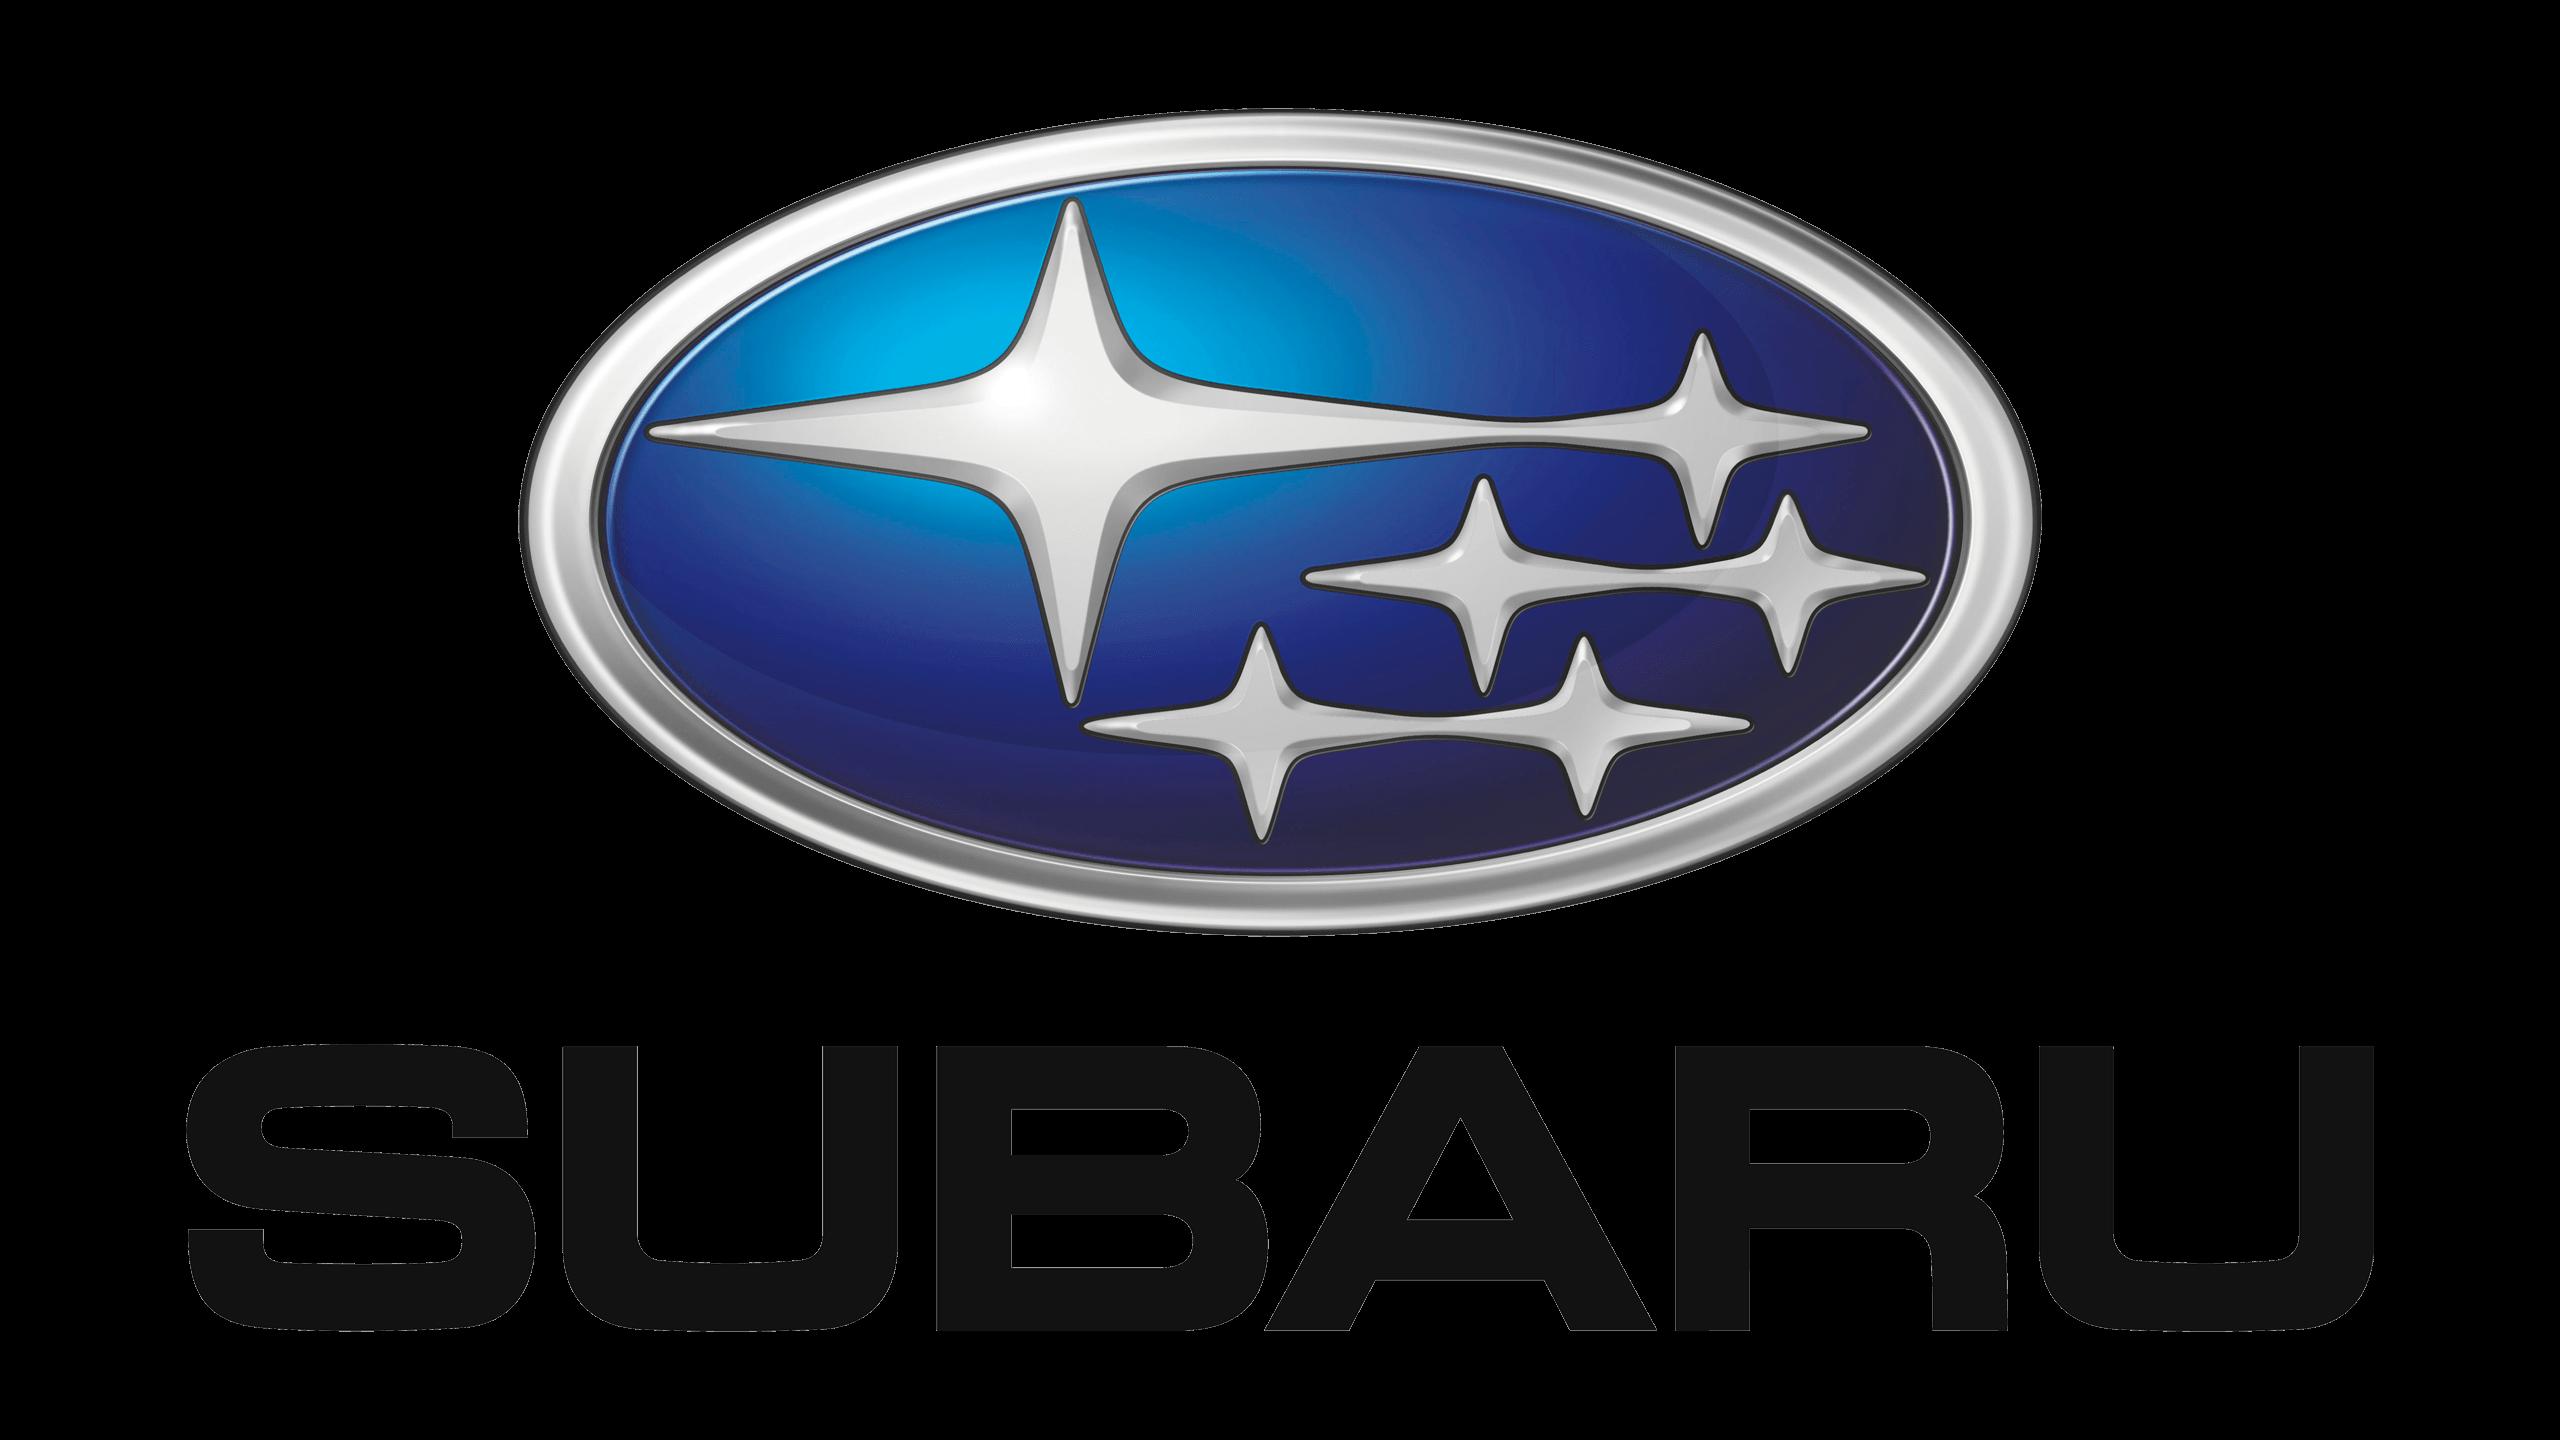 Car Logo Subaru transparent PNG.